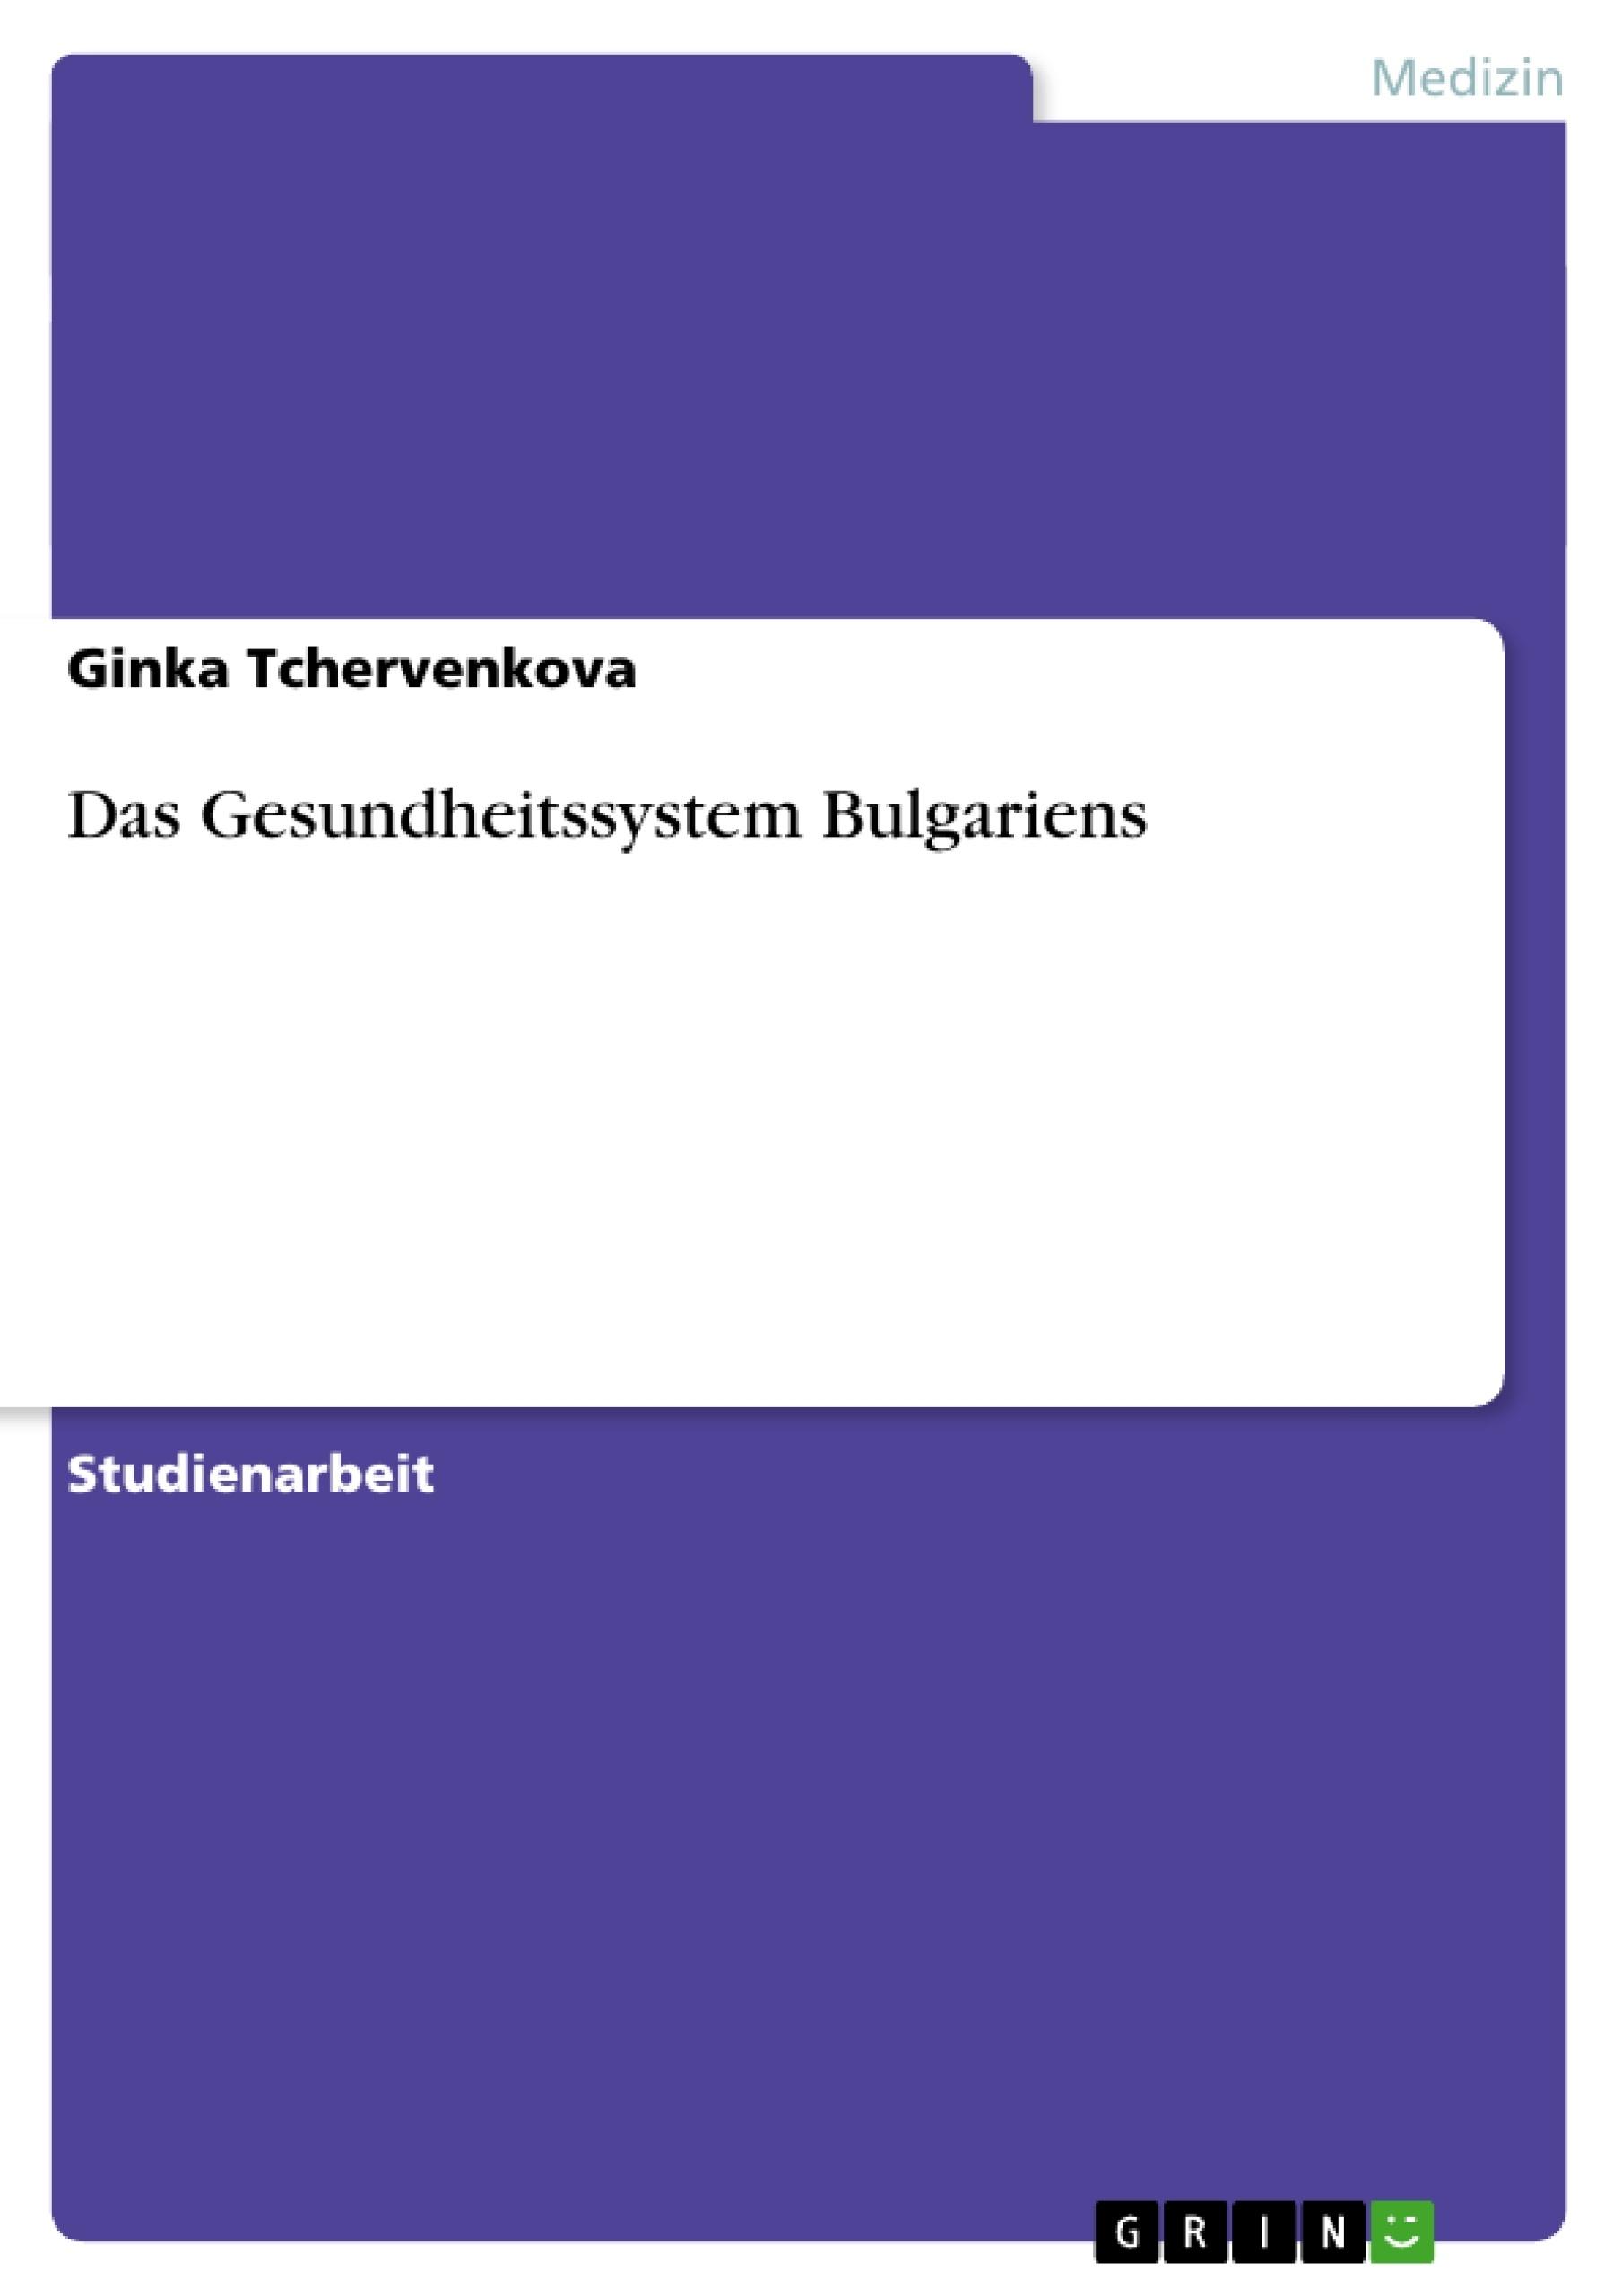 Titel: Das Gesundheitssystem Bulgariens